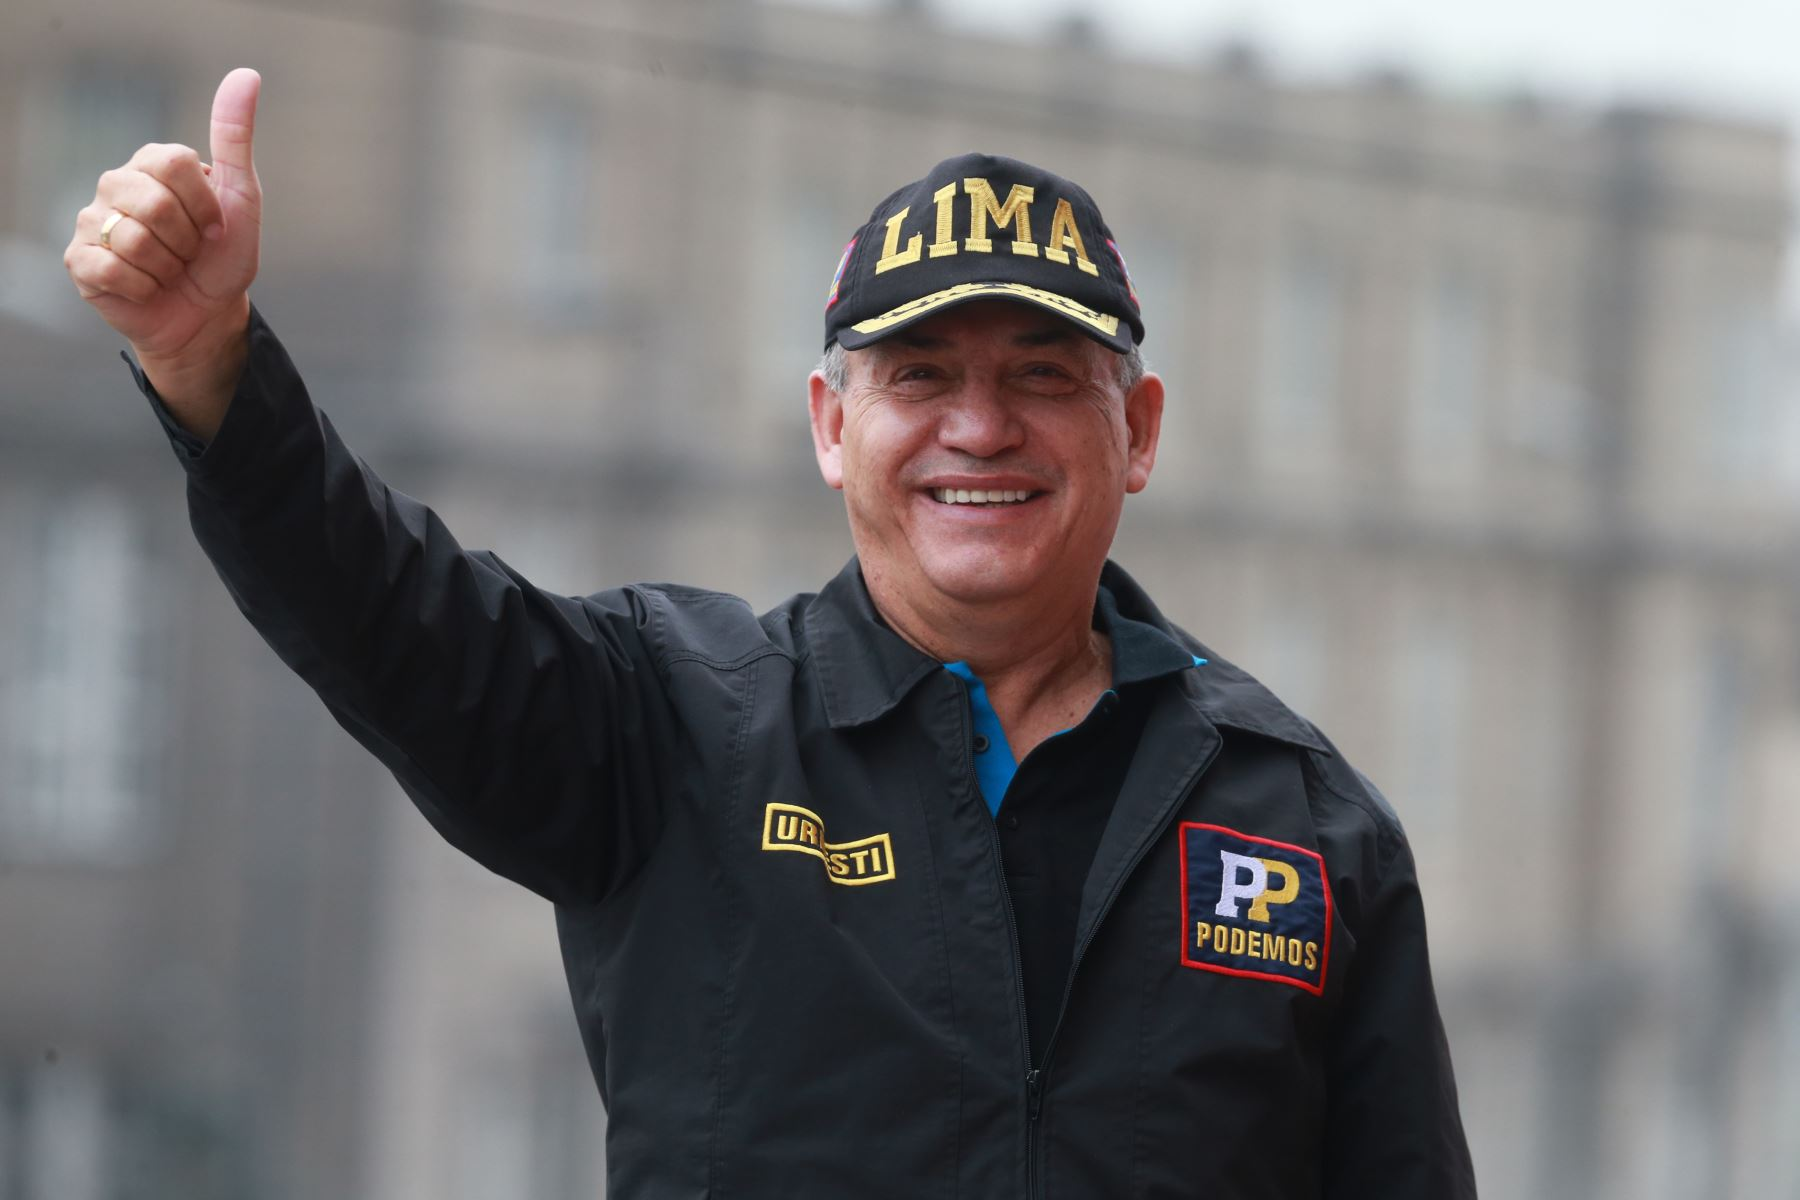 Reggiardo y Belmont debatirán el domingo en Barrios Altos — Elecciones municipales